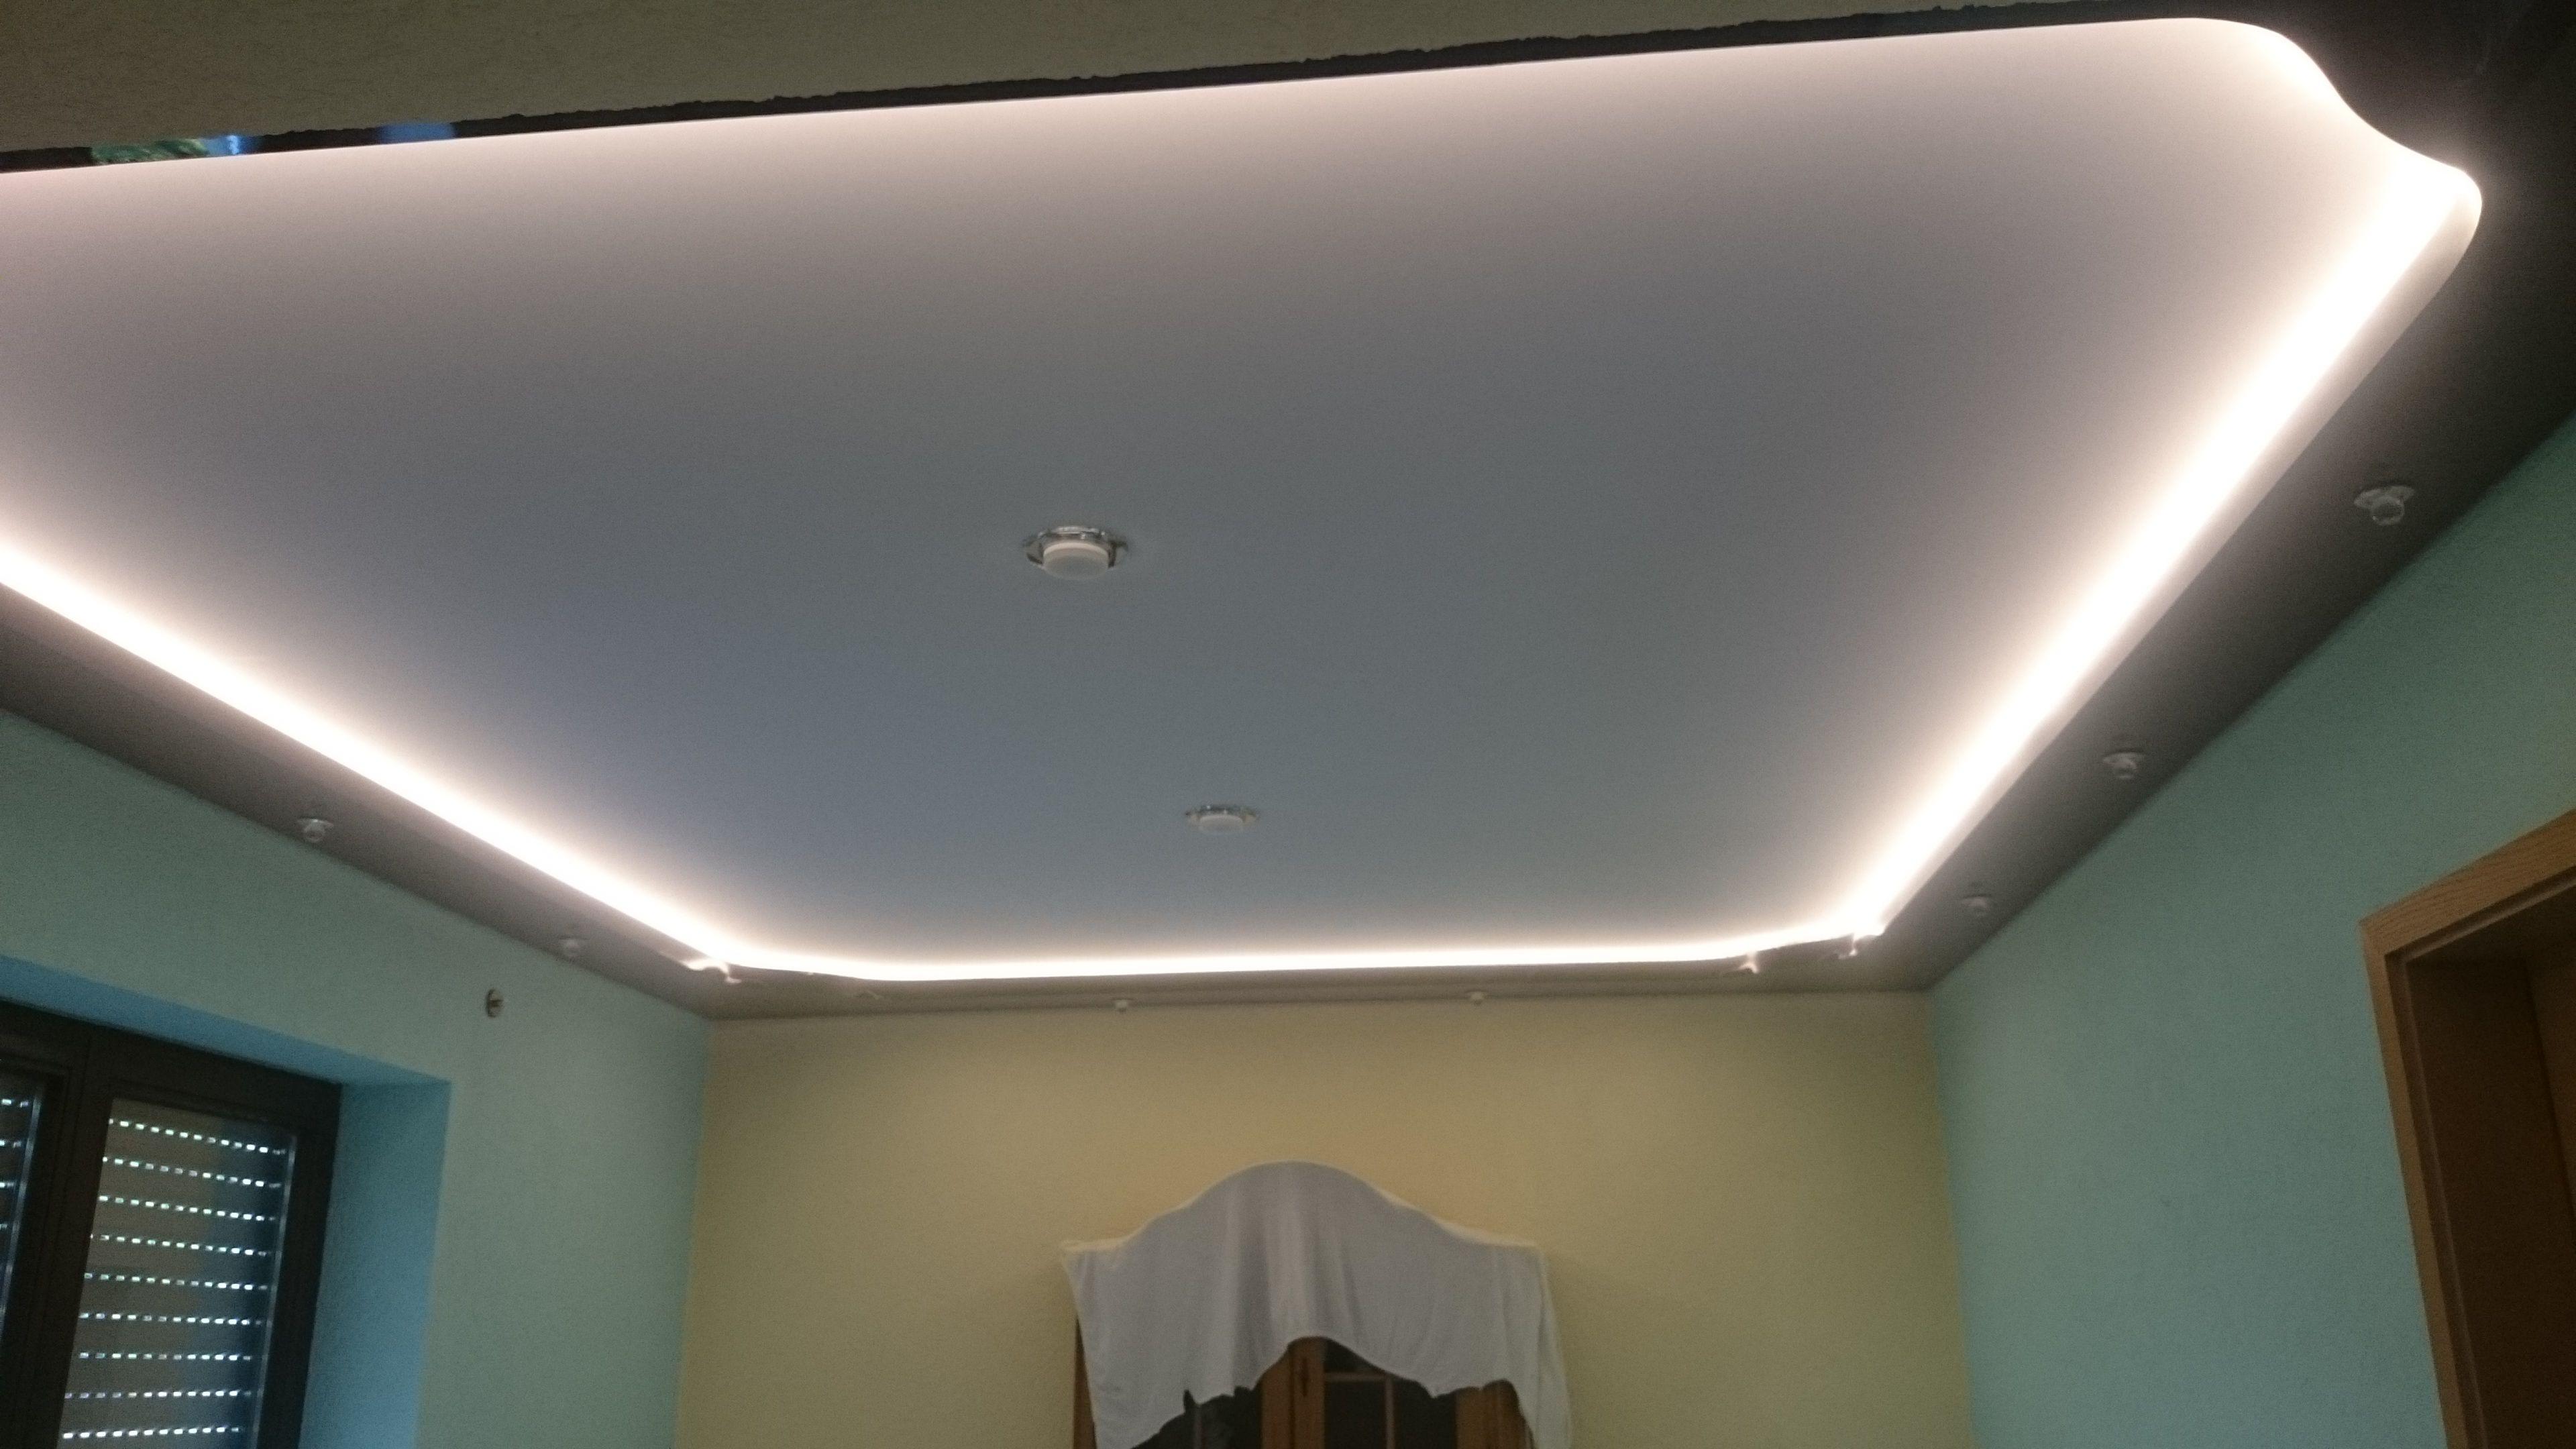 Gewebe Spanndecke Mit Lackfolien Lichtvoute Meyer Spanndecken Beschichtungstechnik Spanndecken Inneneinrichtung Decke